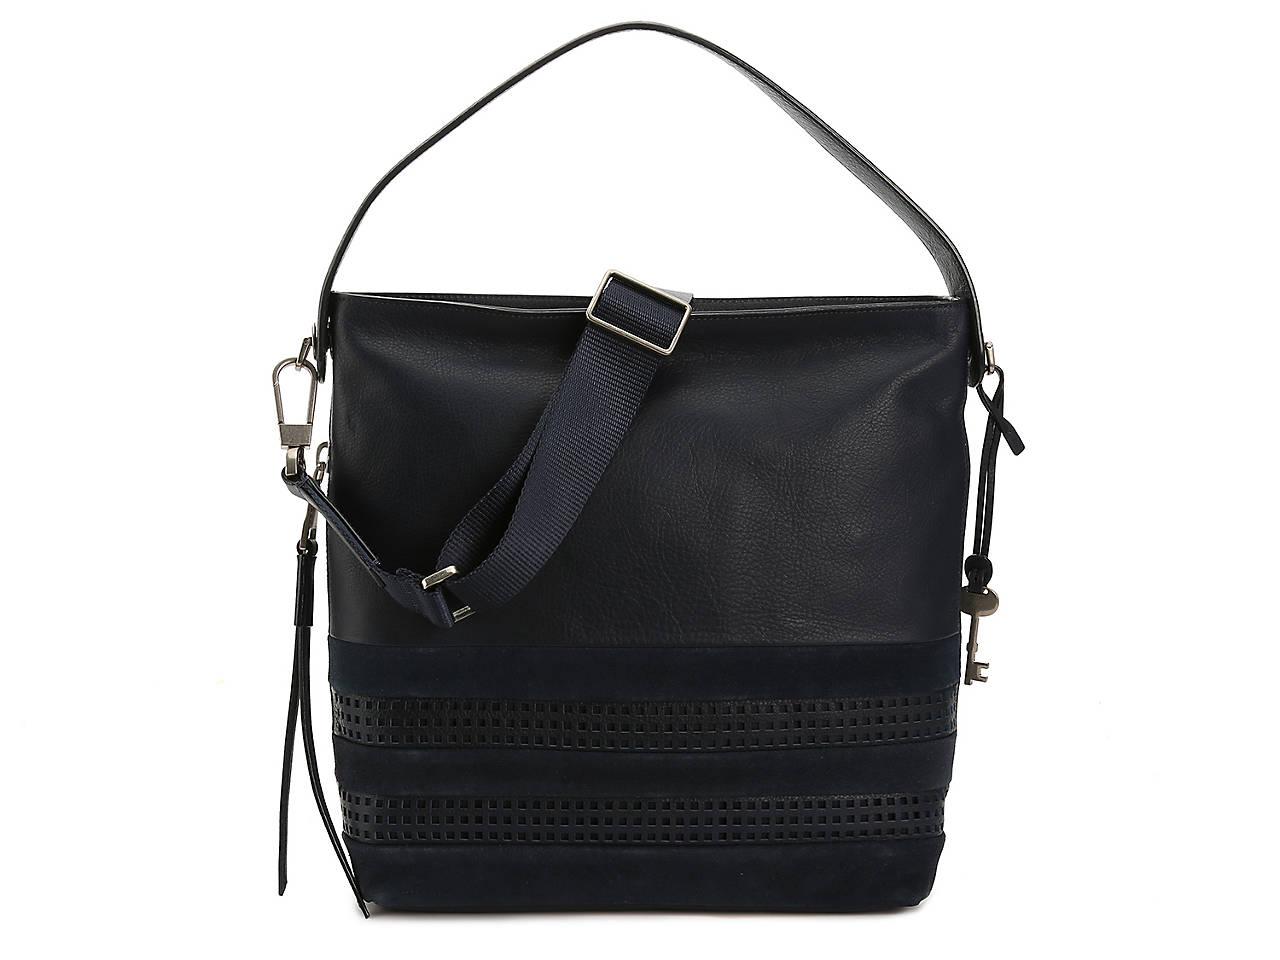 Maya Leather Hobo Bag